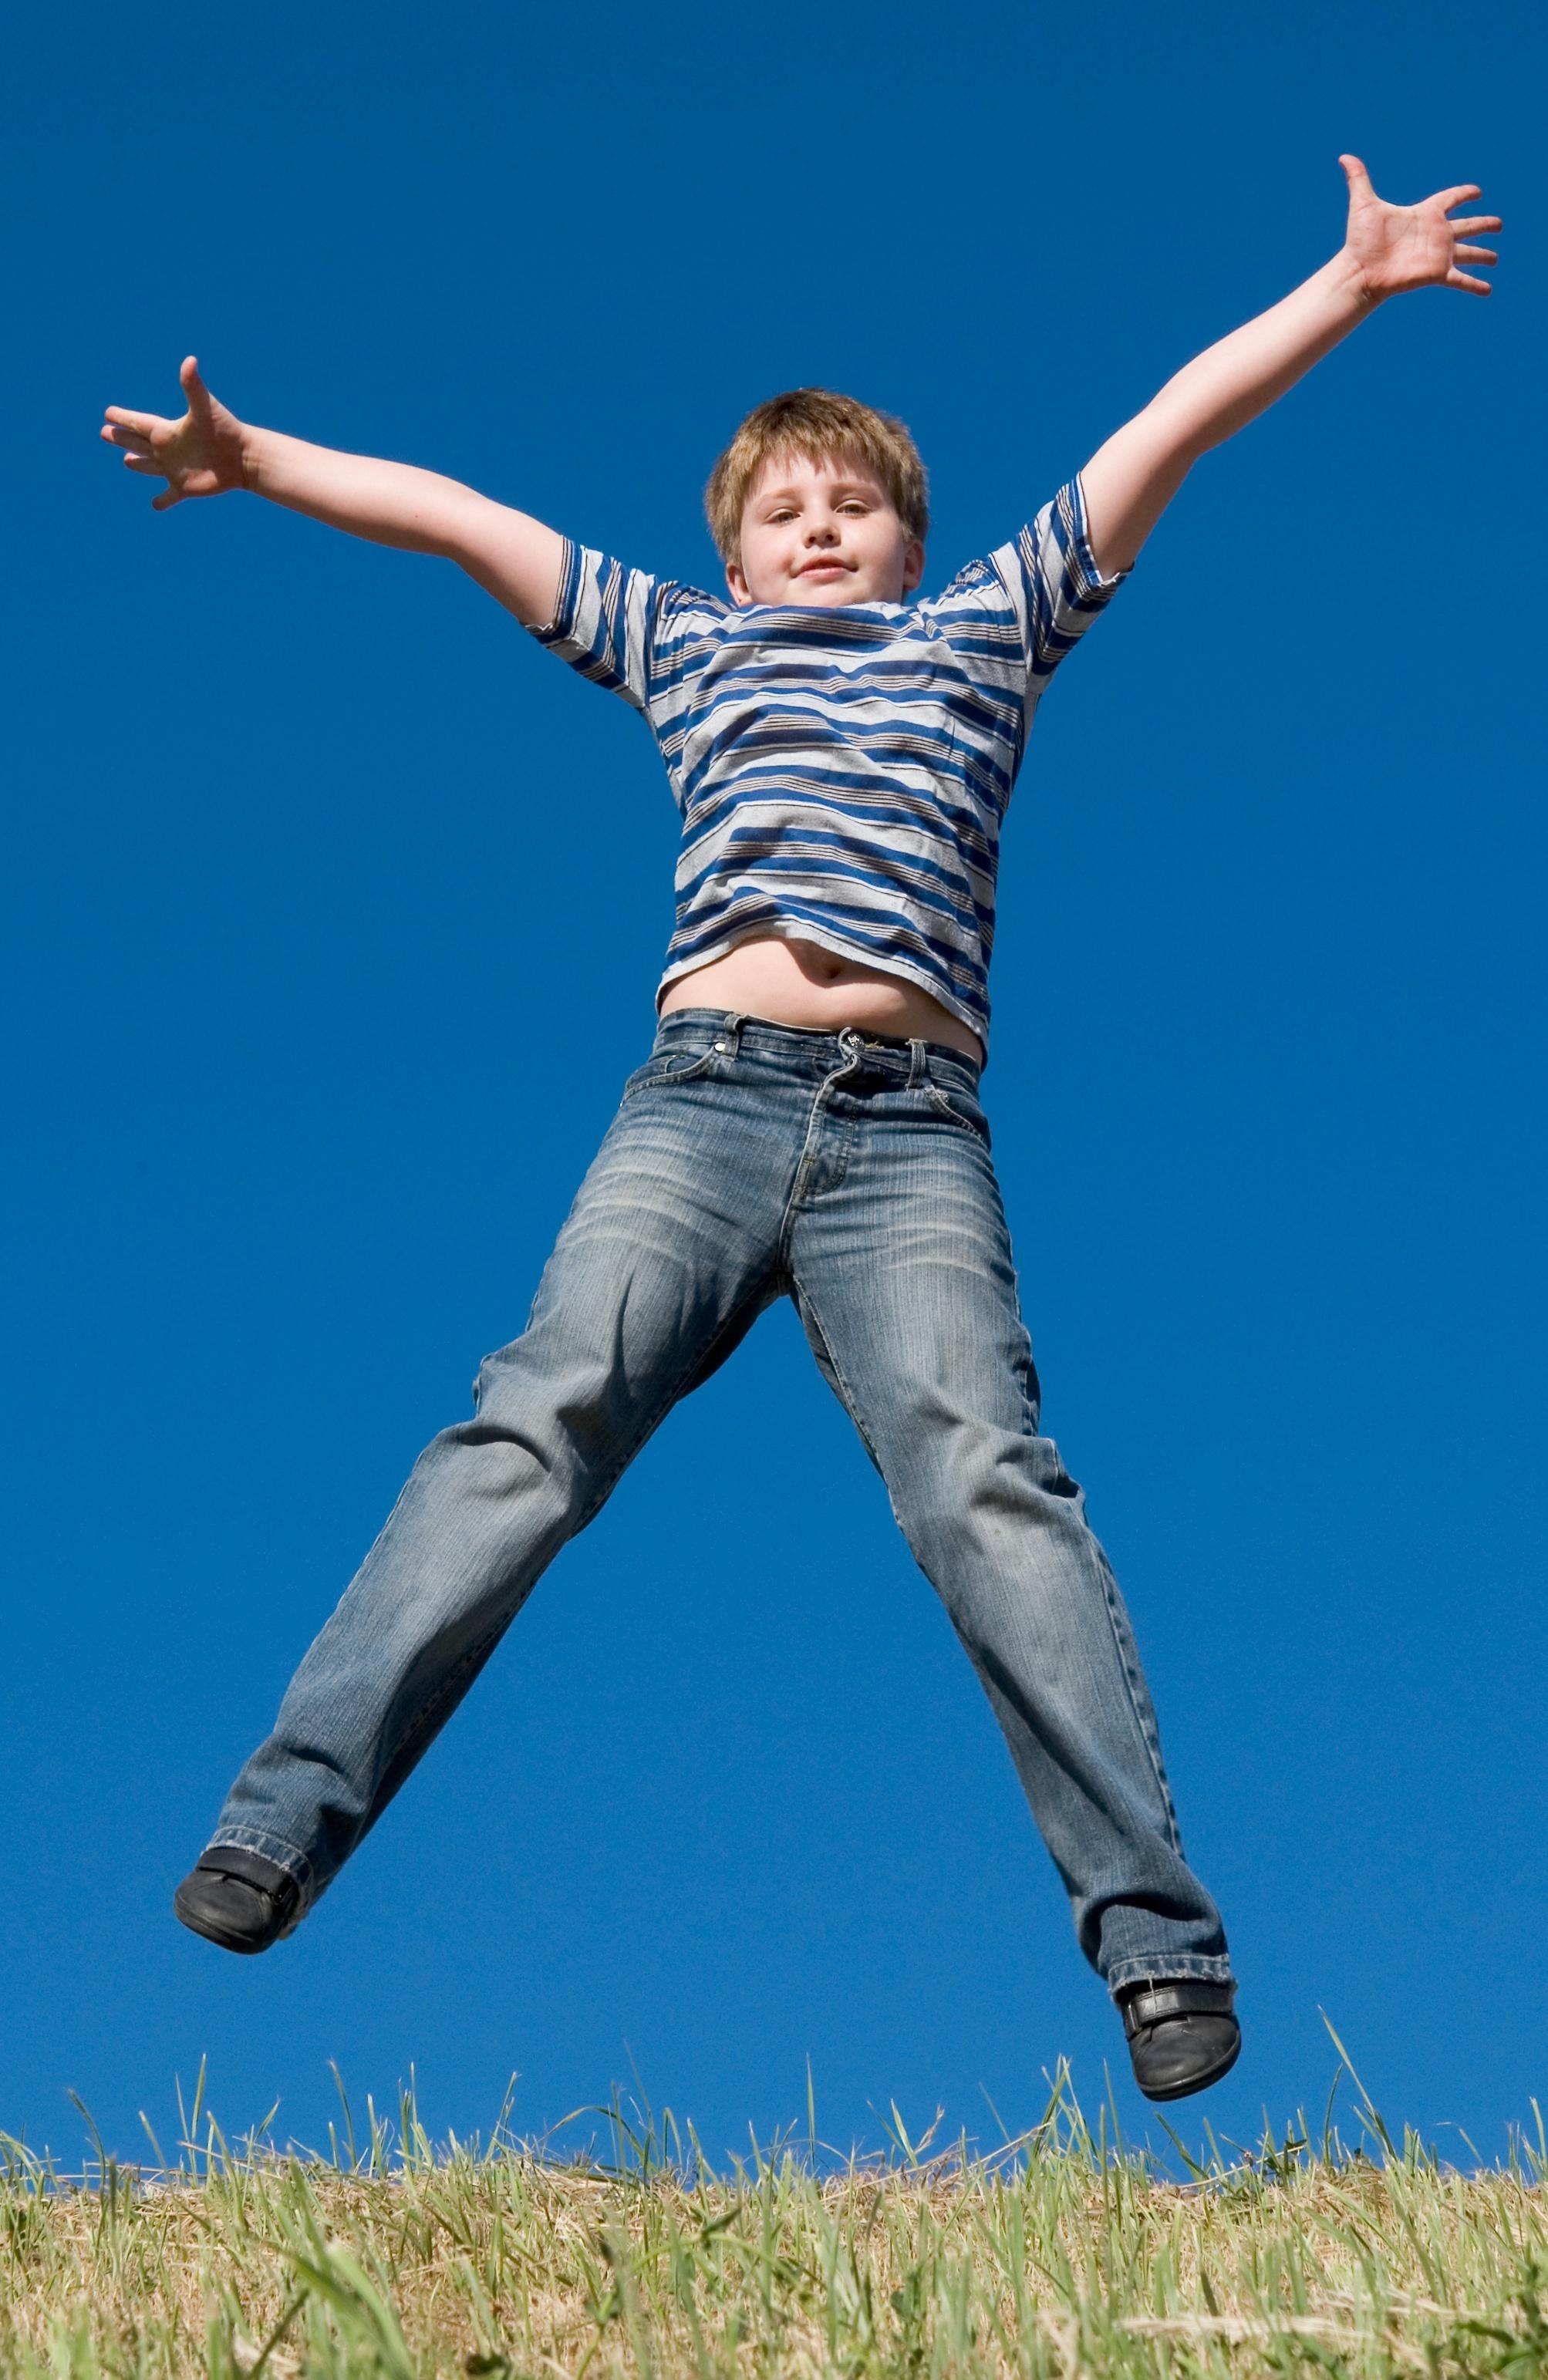 Jugar de manera libre en la infancia es beneficioso de mayores. Imagen: Stepanov. Fuente: PhotoXpress.